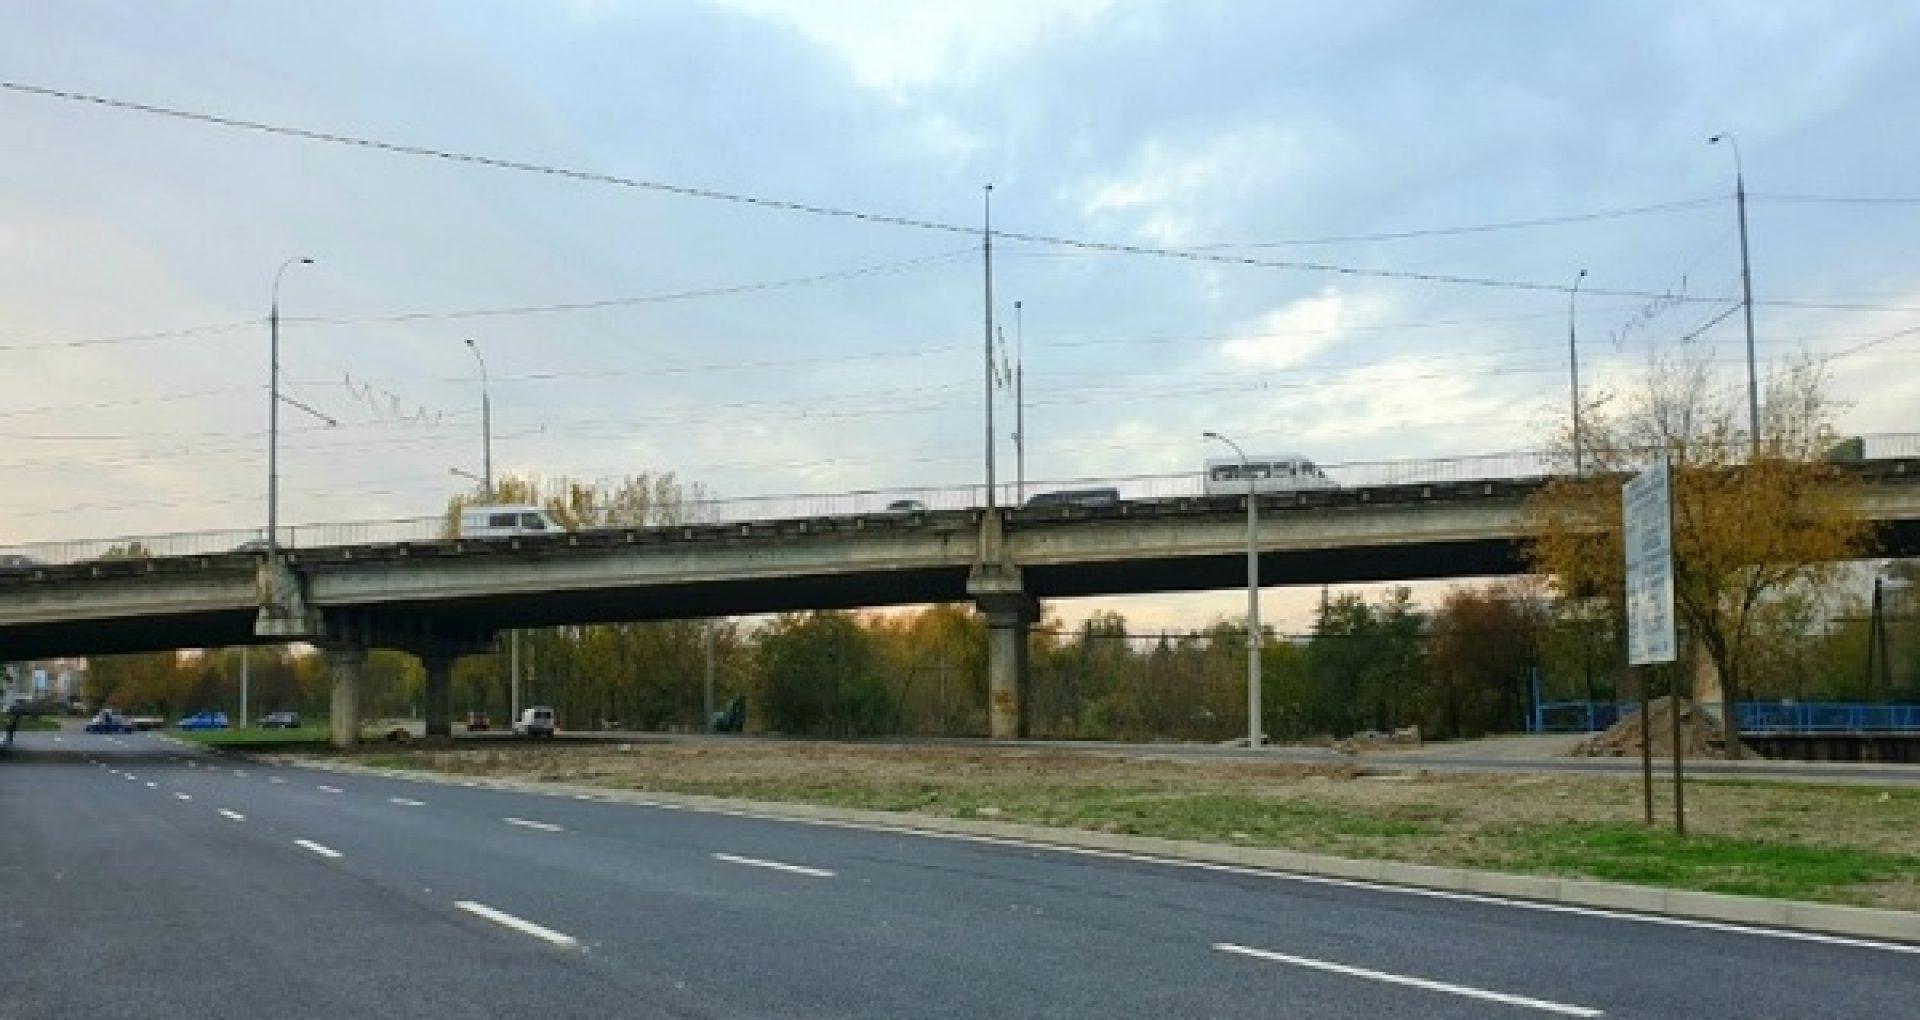 DOC/ Ce arată raportul de expertiză, efectuat în 2018, privind starea podului de pe strada Mihai Viteazu din Capitală: durata de exploatare a podului depășește 44 de ani